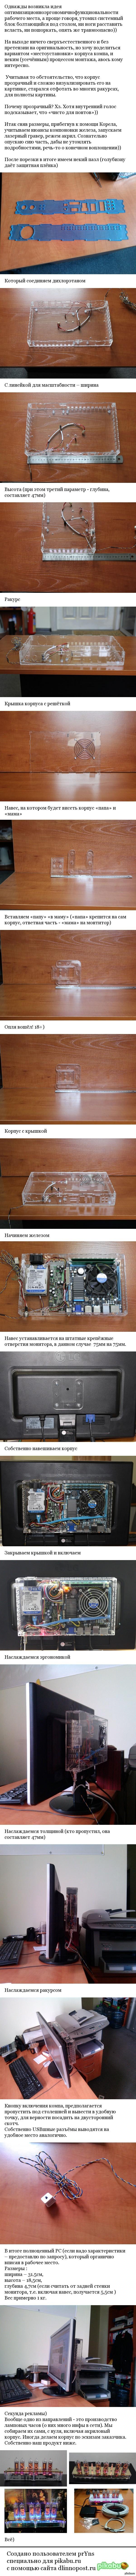 Системному блоку - новое место Текста мало, картинок много)